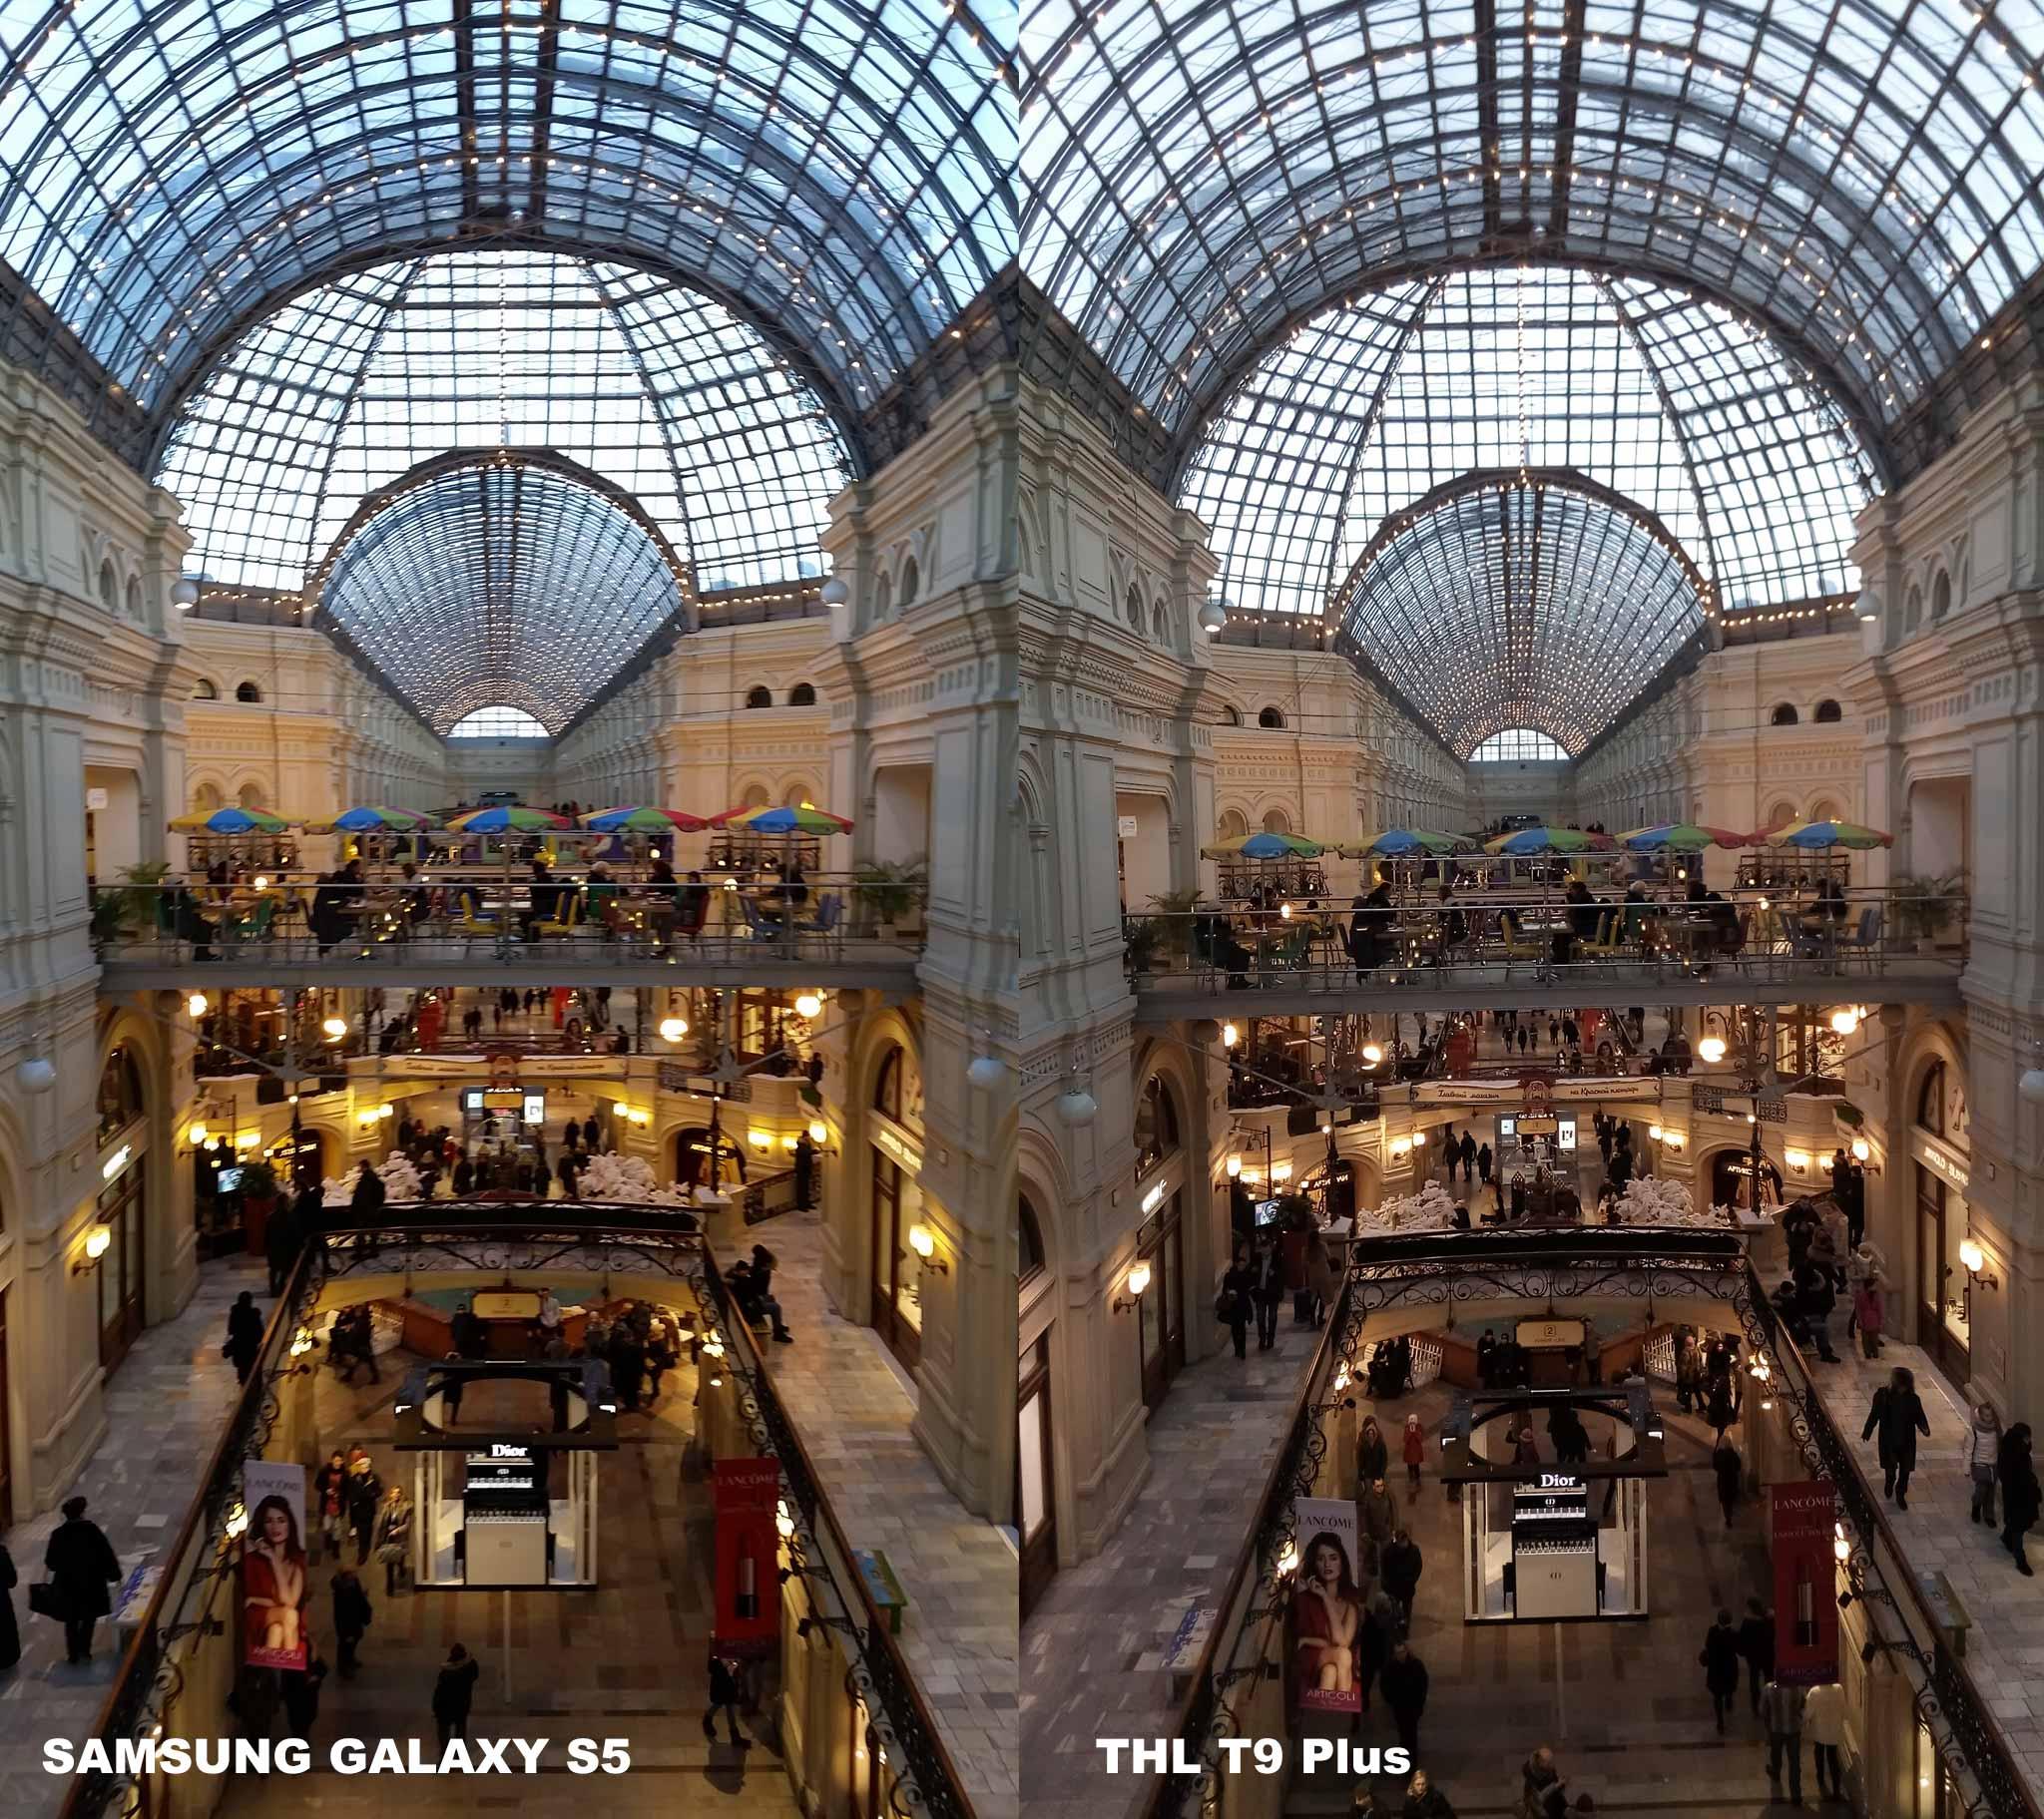 Нажмите на изображение для увеличения.  Название:13 Compare 2.jpg Просмотров:17 Размер:472.0 Кб ID:181231